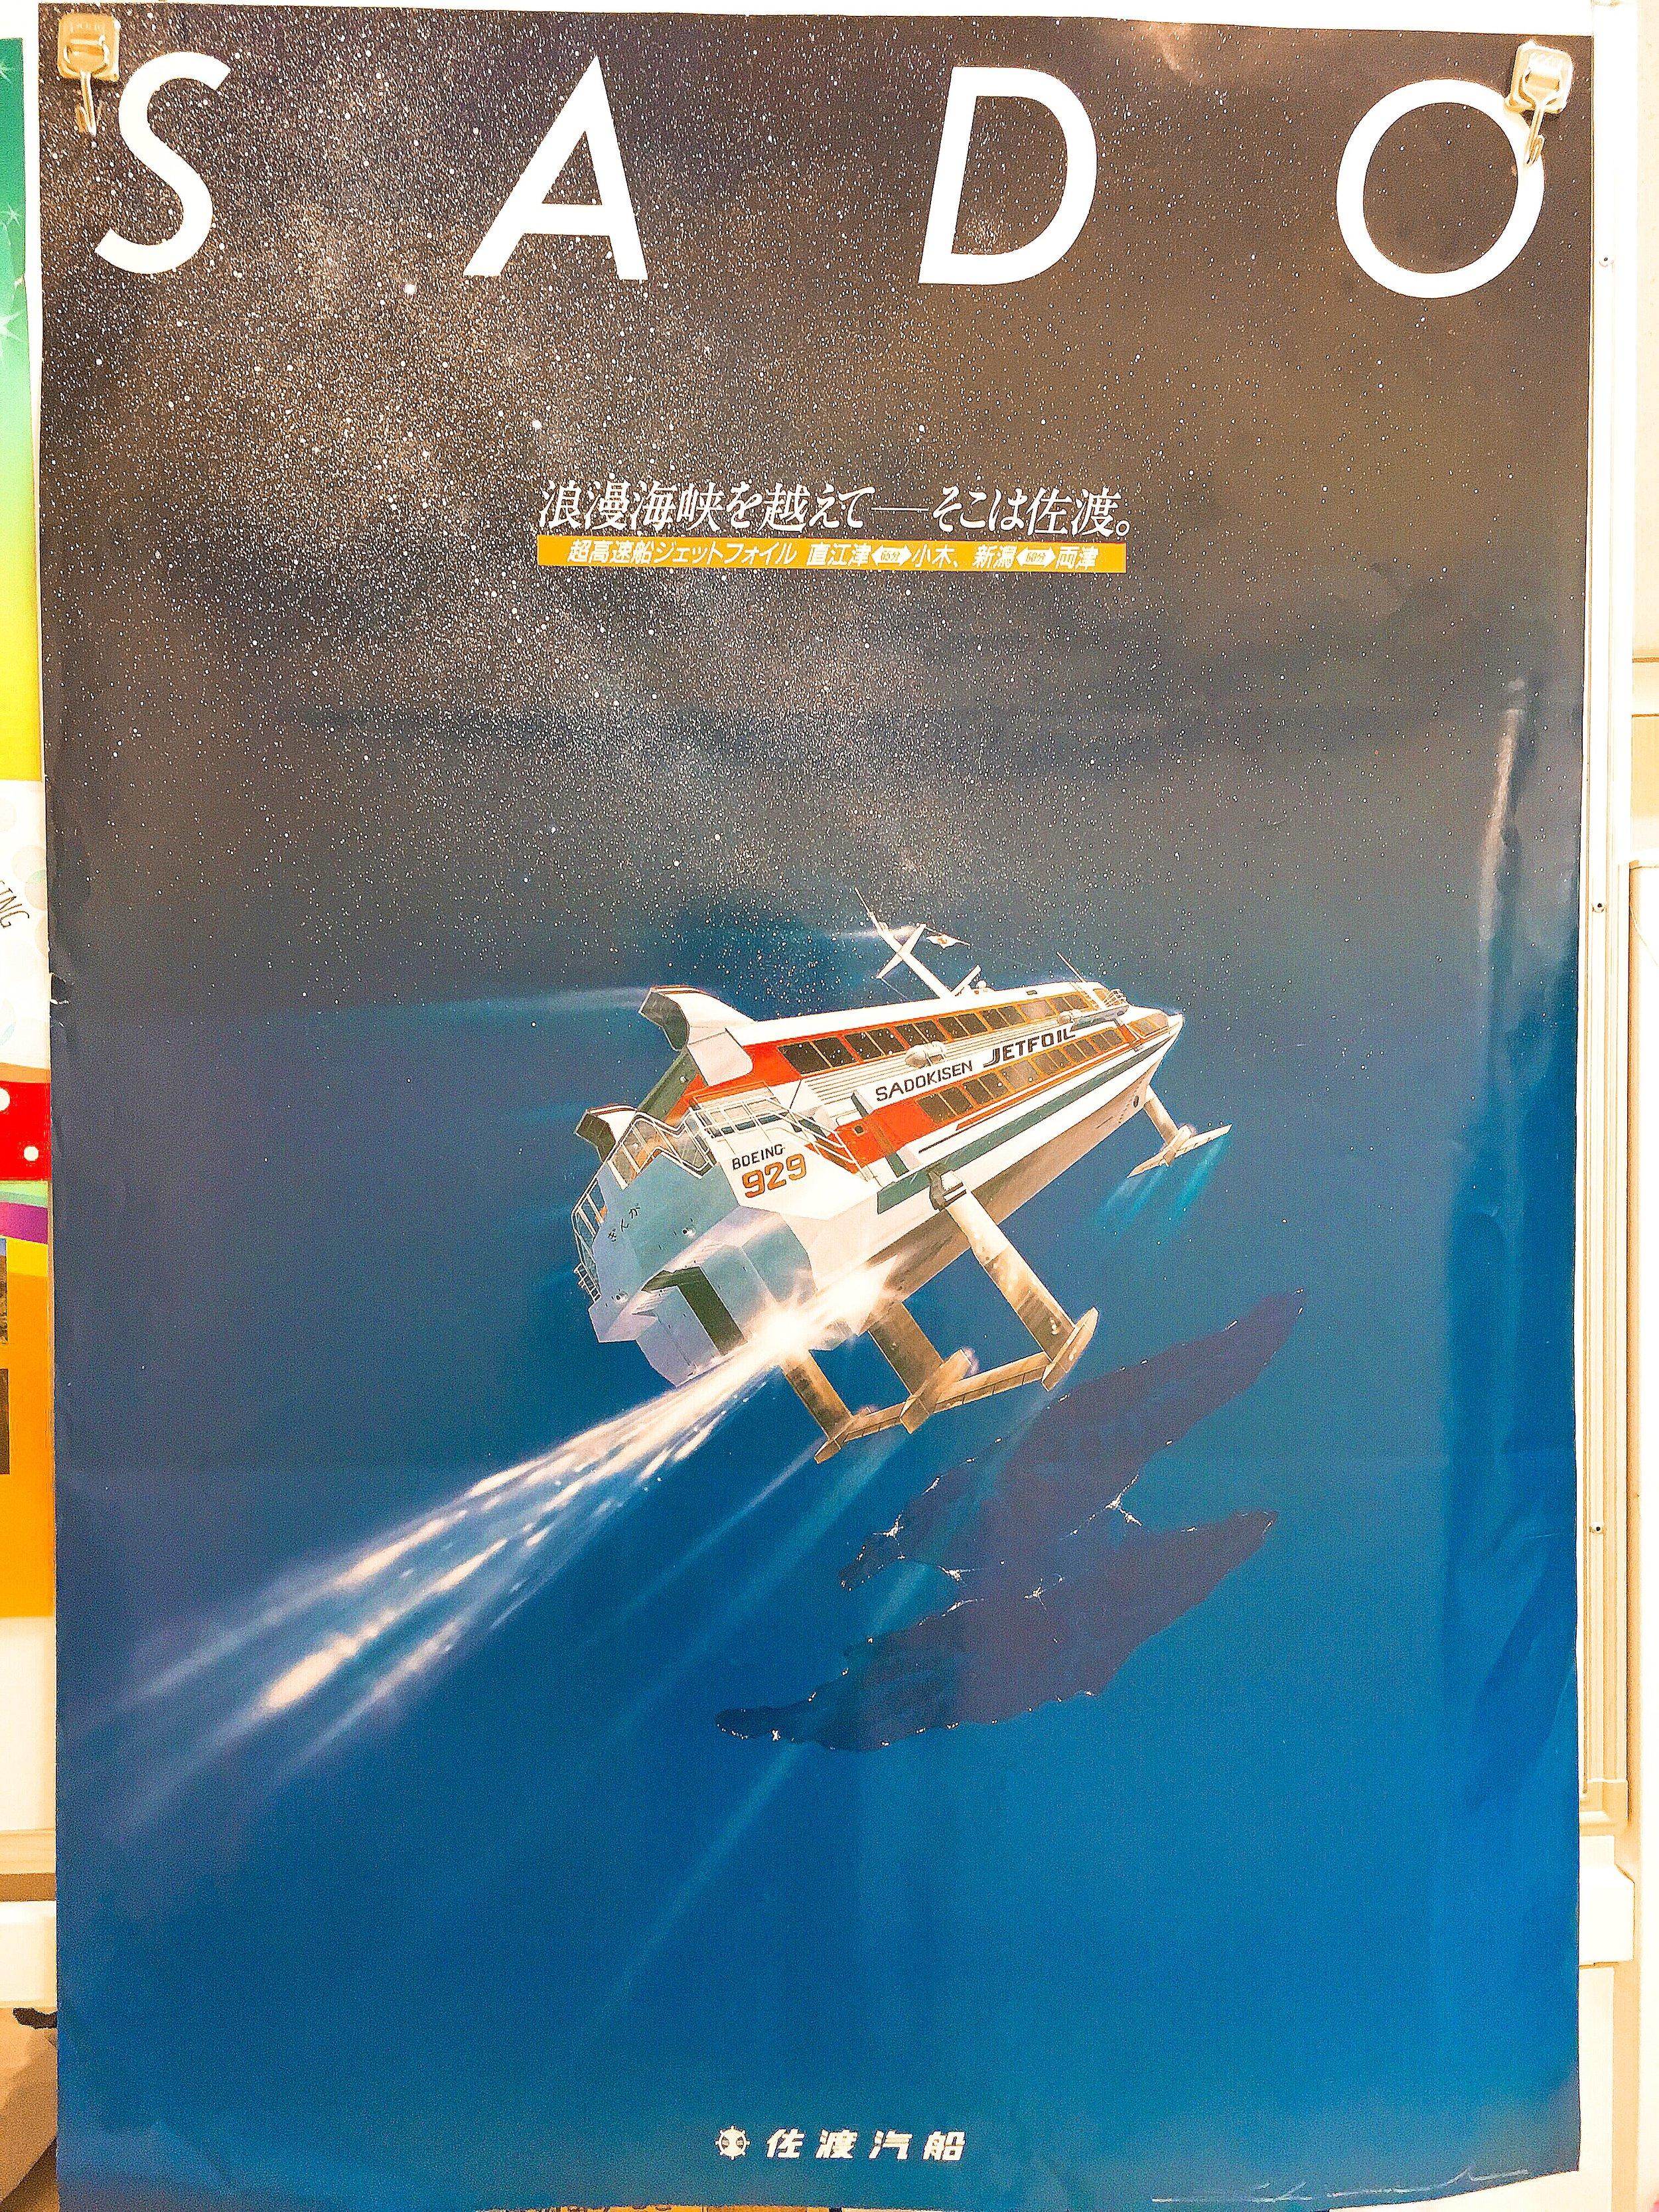 初代「ぎんが」のポスター